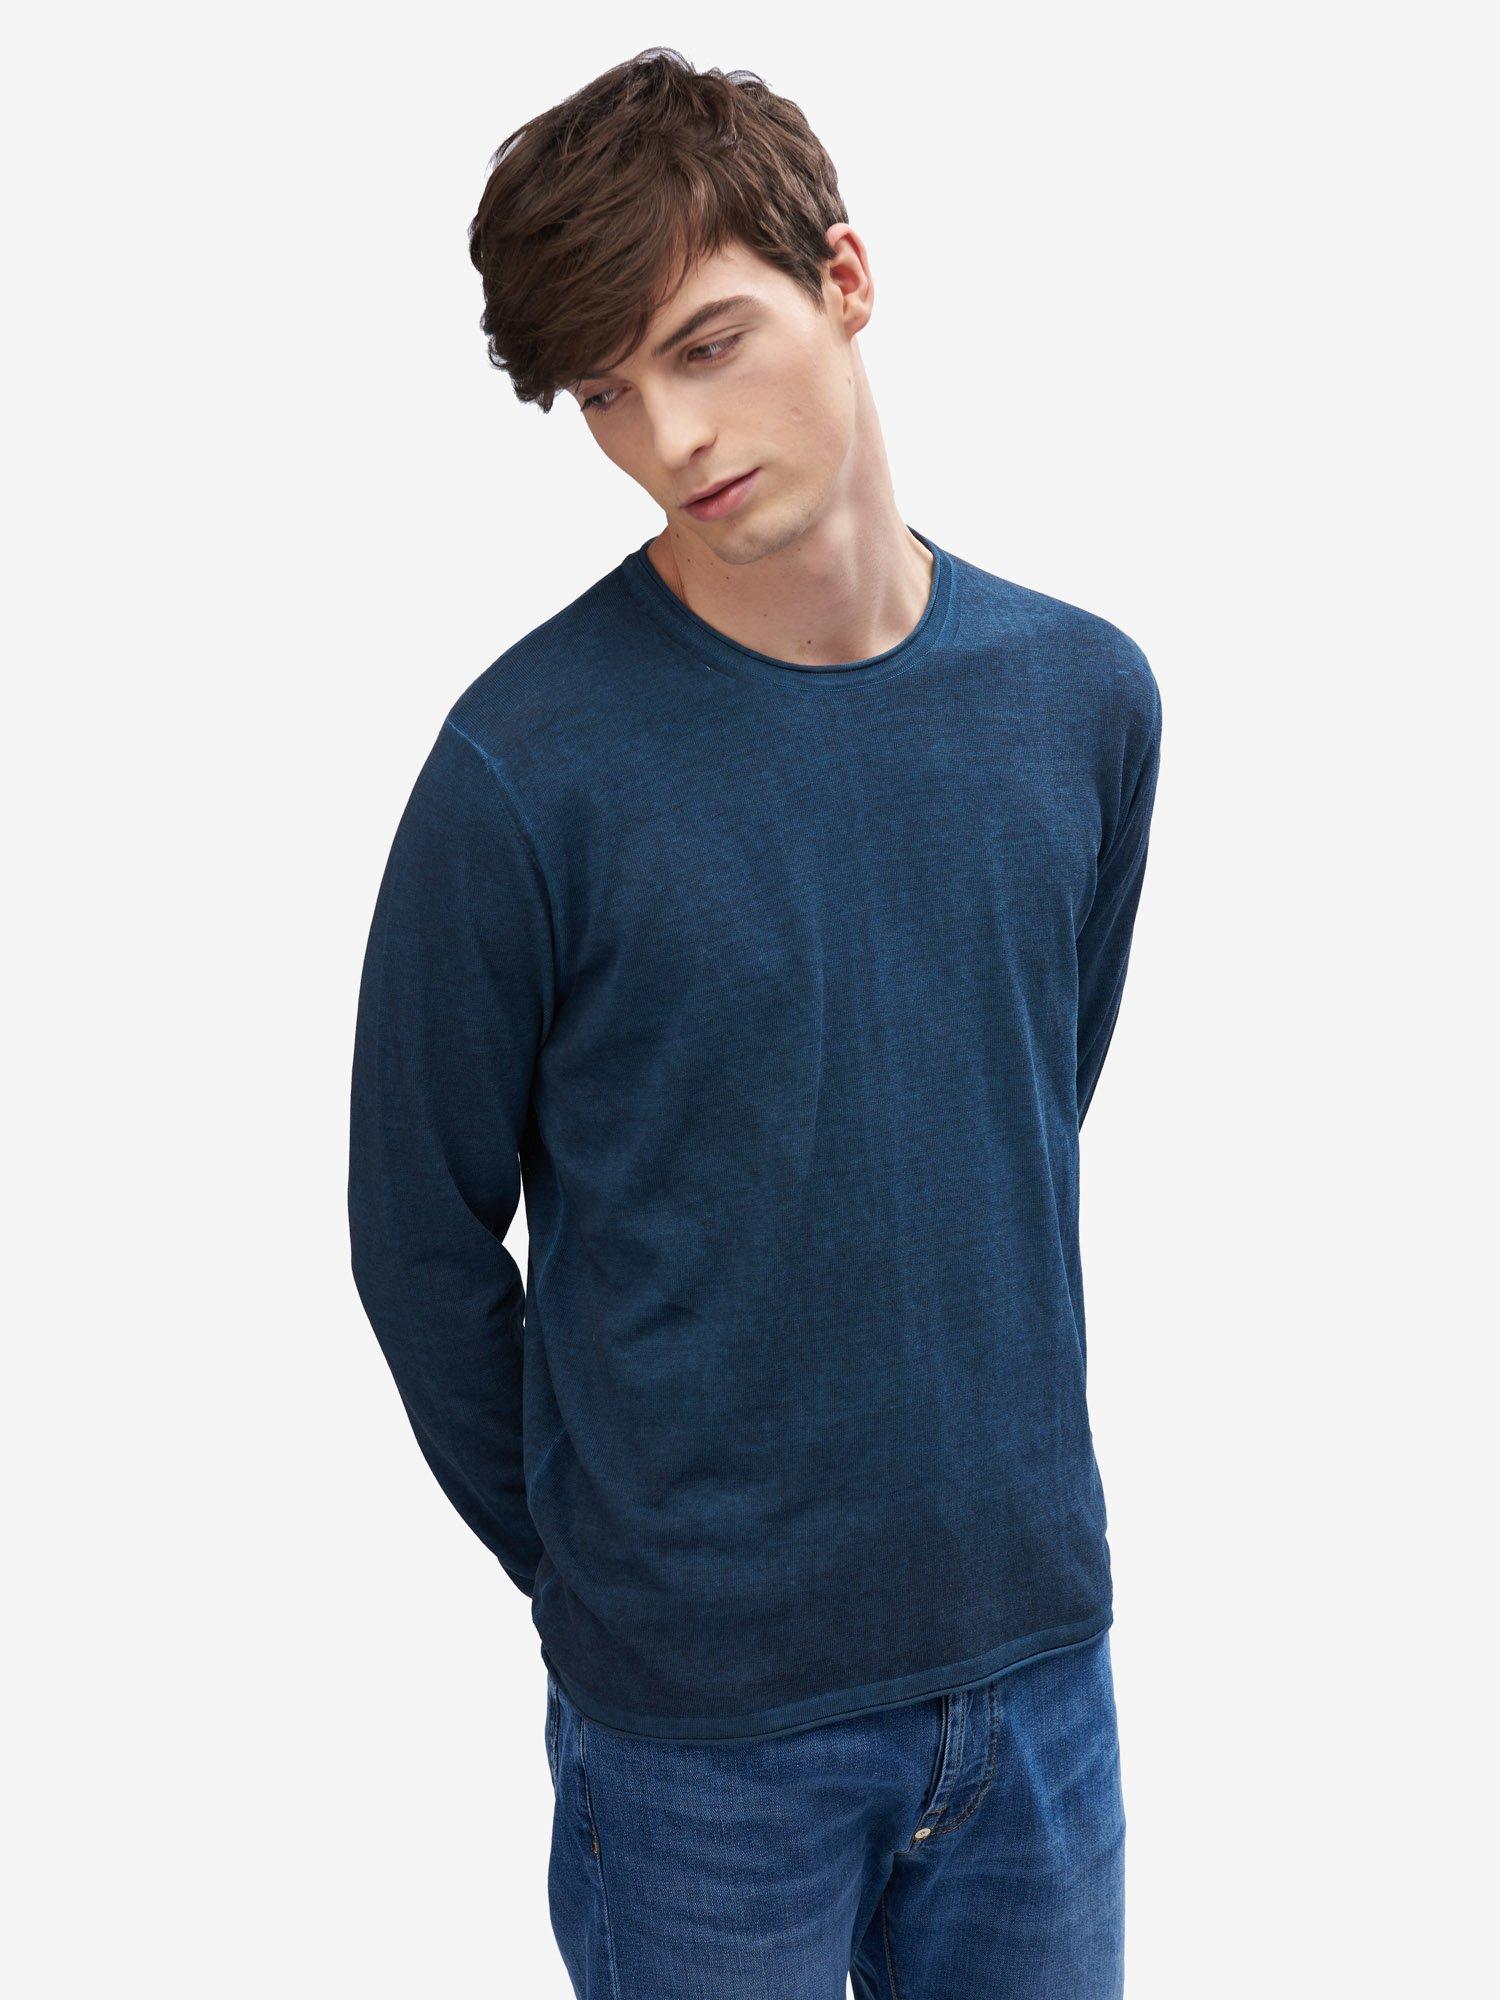 Blauer - VINTAGE-EFFECT SWEATER - Cadet Blue - Blauer